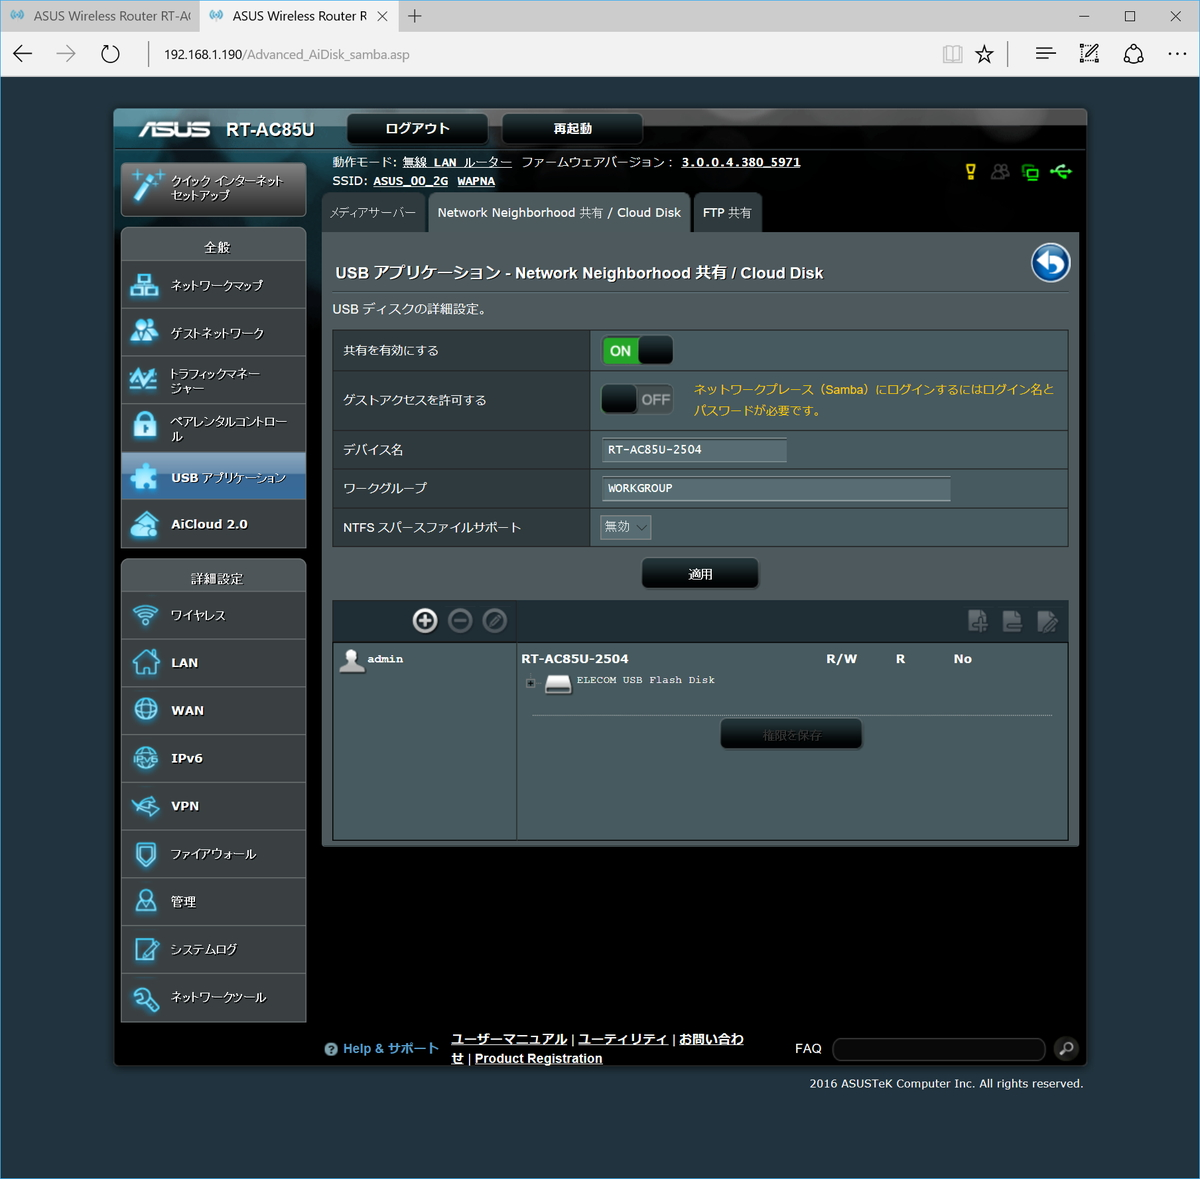 ローカルでのファイル共有や外部からのアクセスなども可能